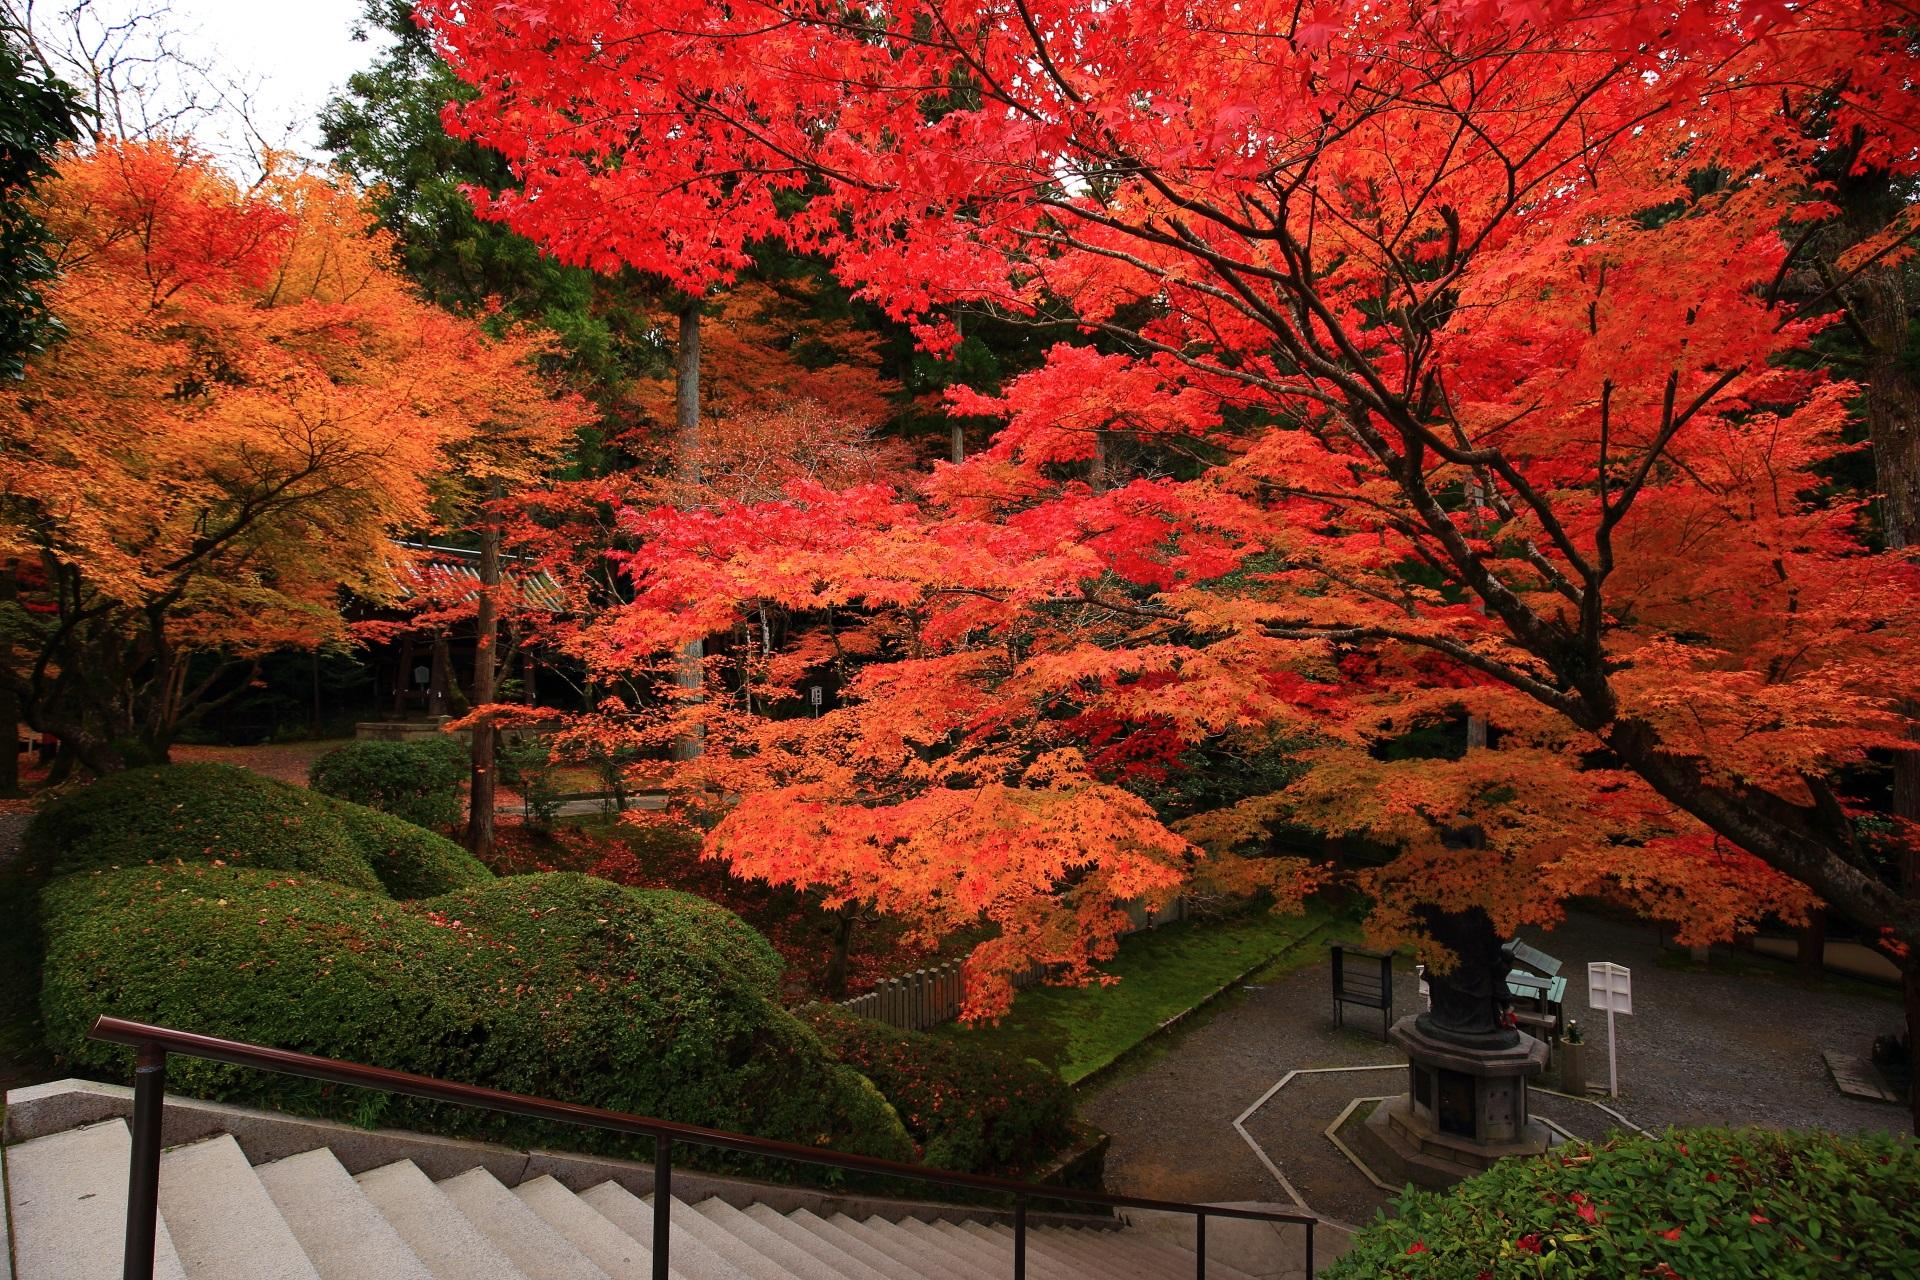 上から眺めた子まもり弘法大師像と紅葉